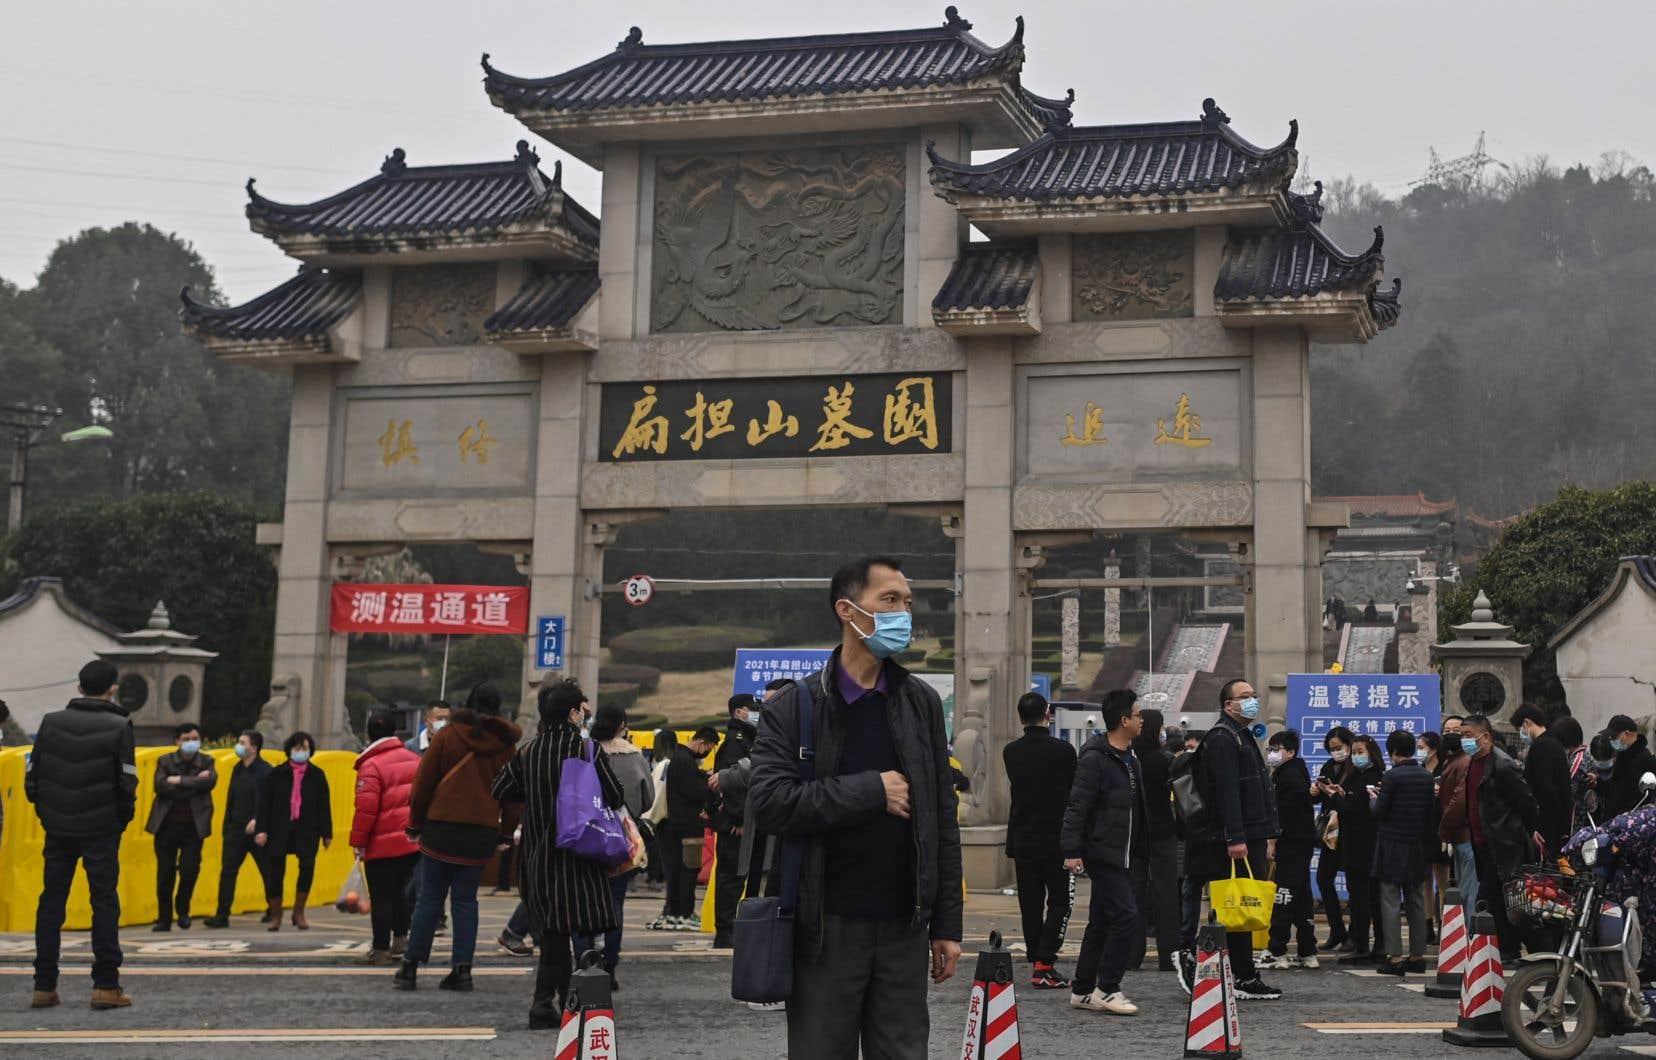 À la fin de leur mission en Chine, les experts de l'OMS avaient exposé les différentes hypothèses de travail sur la manière dont le virus qui cause la COVID-19 est passé d'un animal à l'homme, lors d'un point de presse à Wuhan.